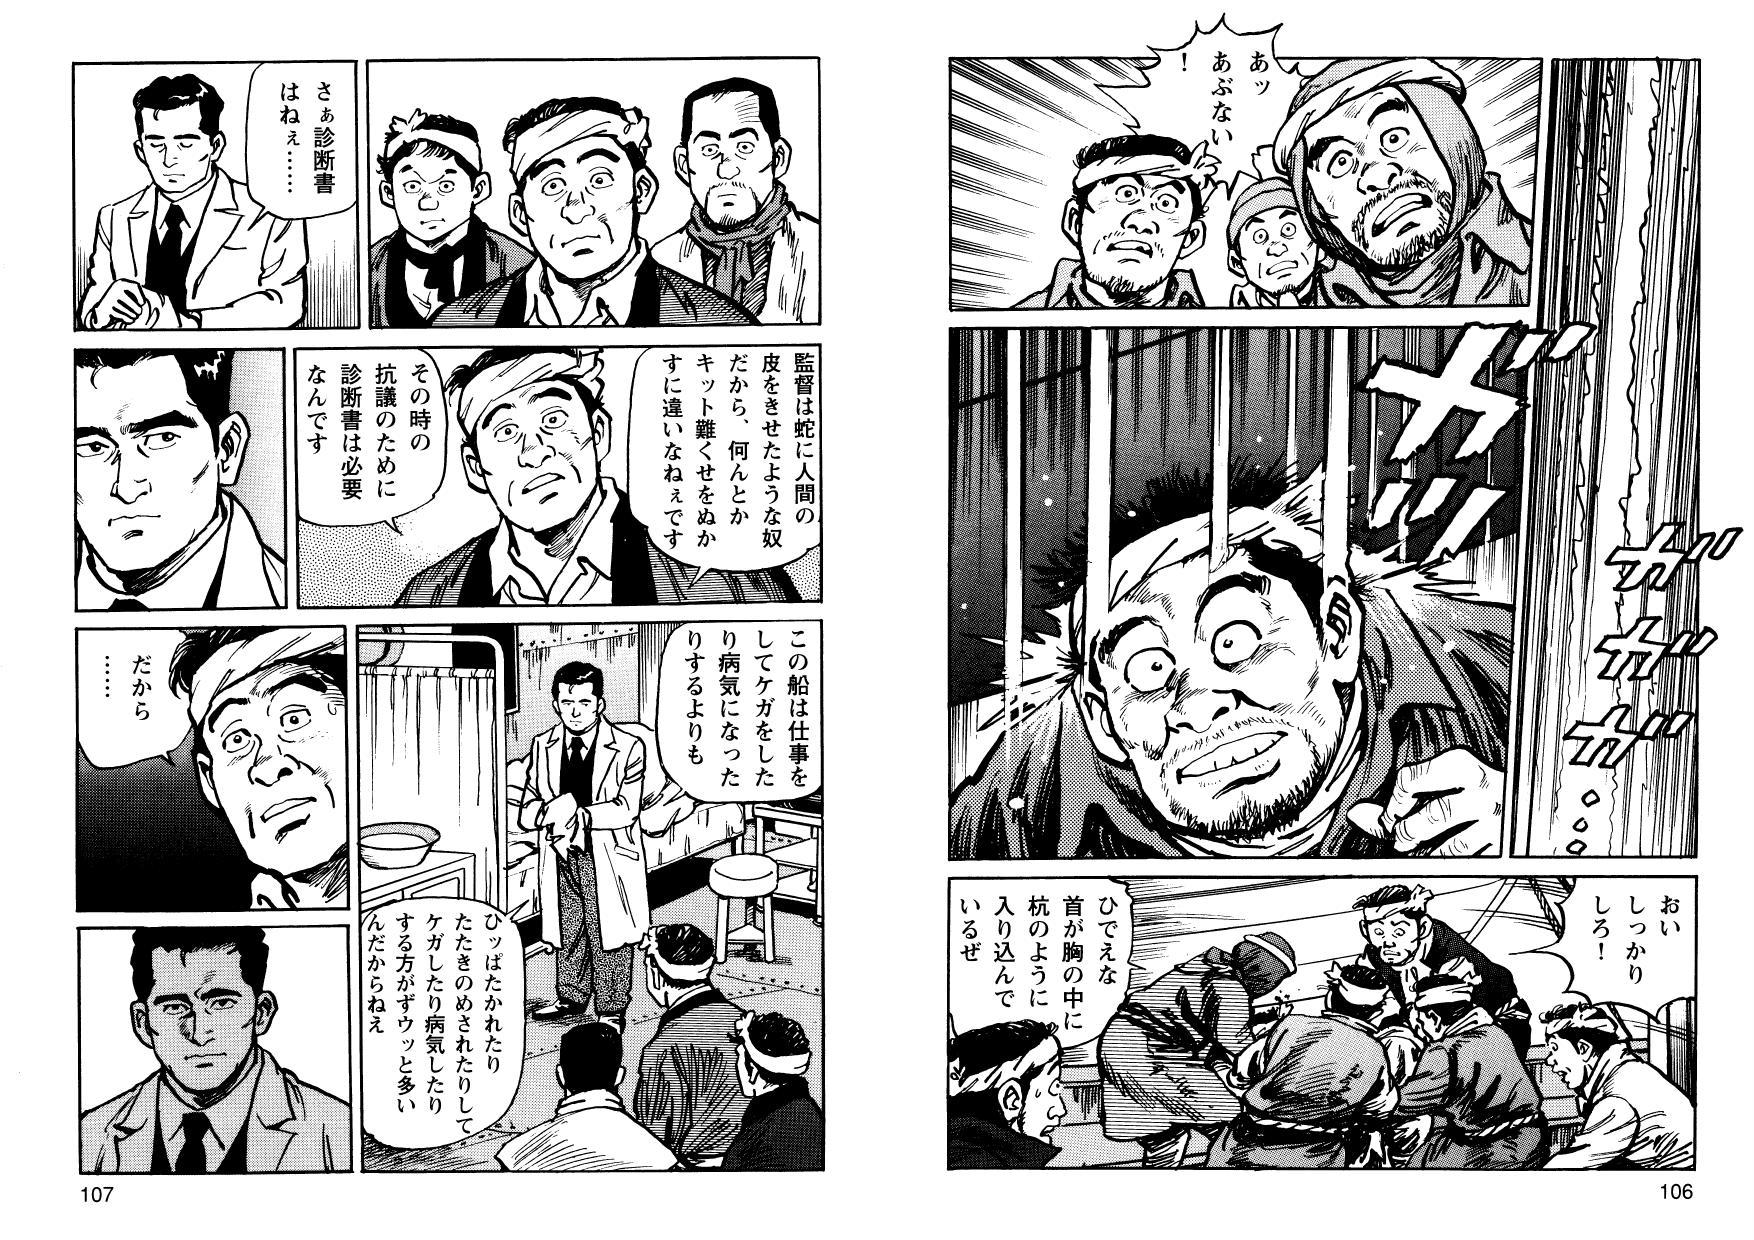 kani_cmc_000054.jpg